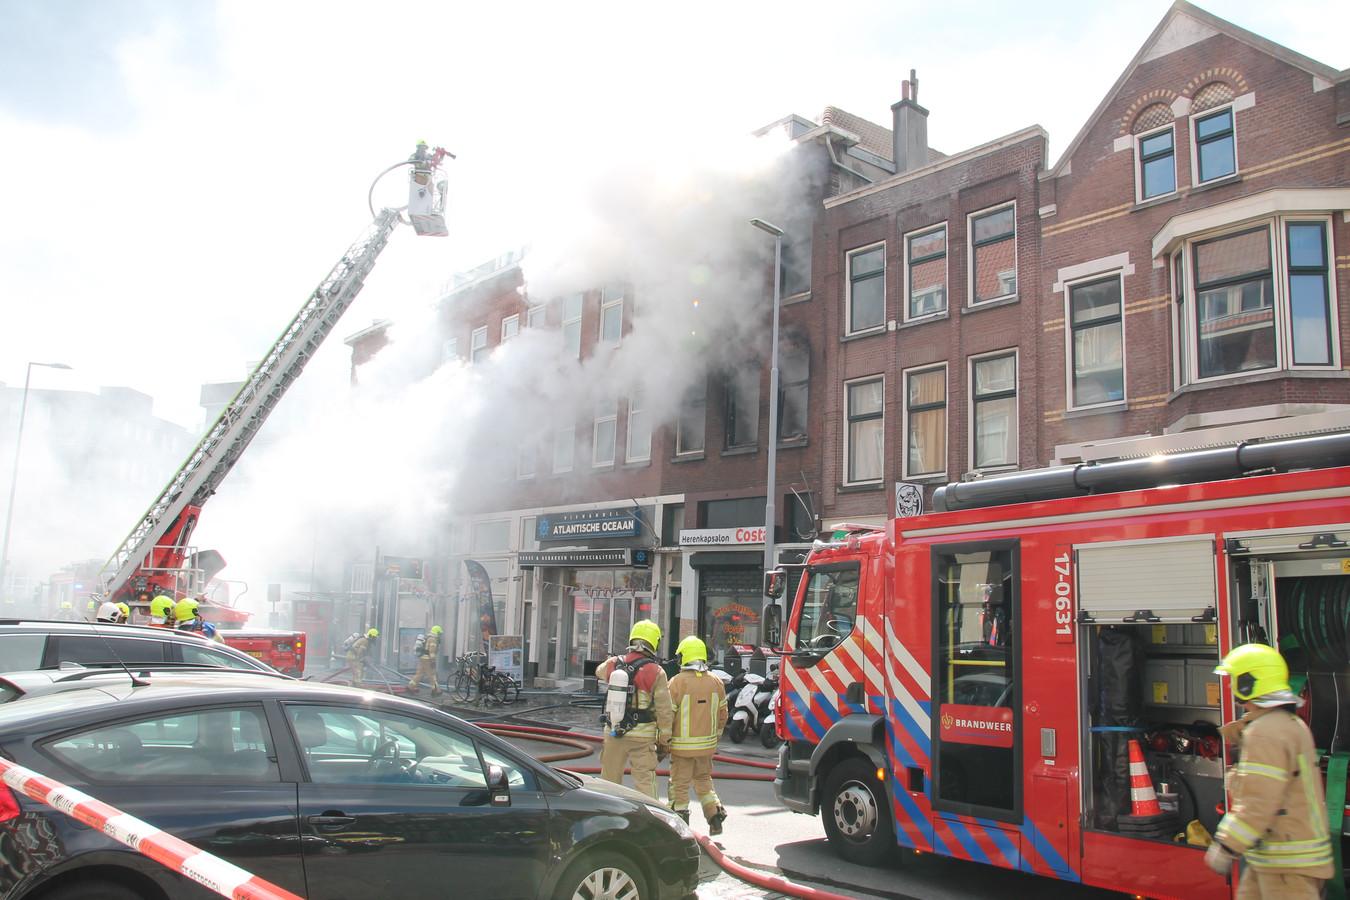 Alle drie de etages zijn volledig uitgebrand en onbewoonbaar verklaard.